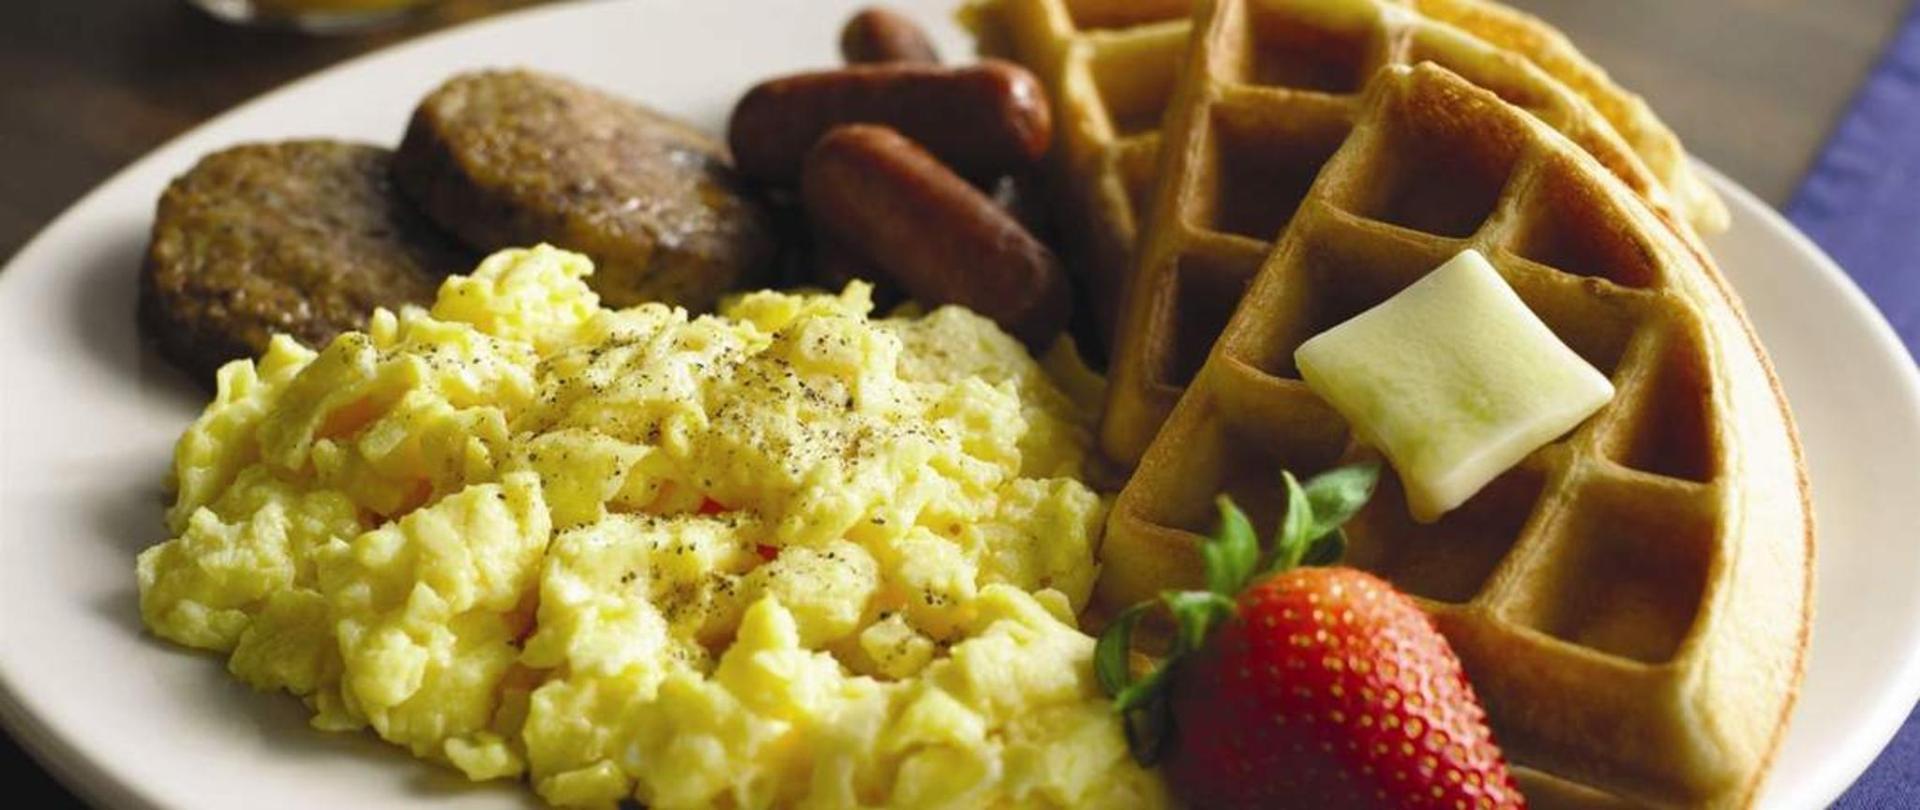 votre-petit-déjeuner-chaud-et-ready.jpg.1140x481_default.jpg